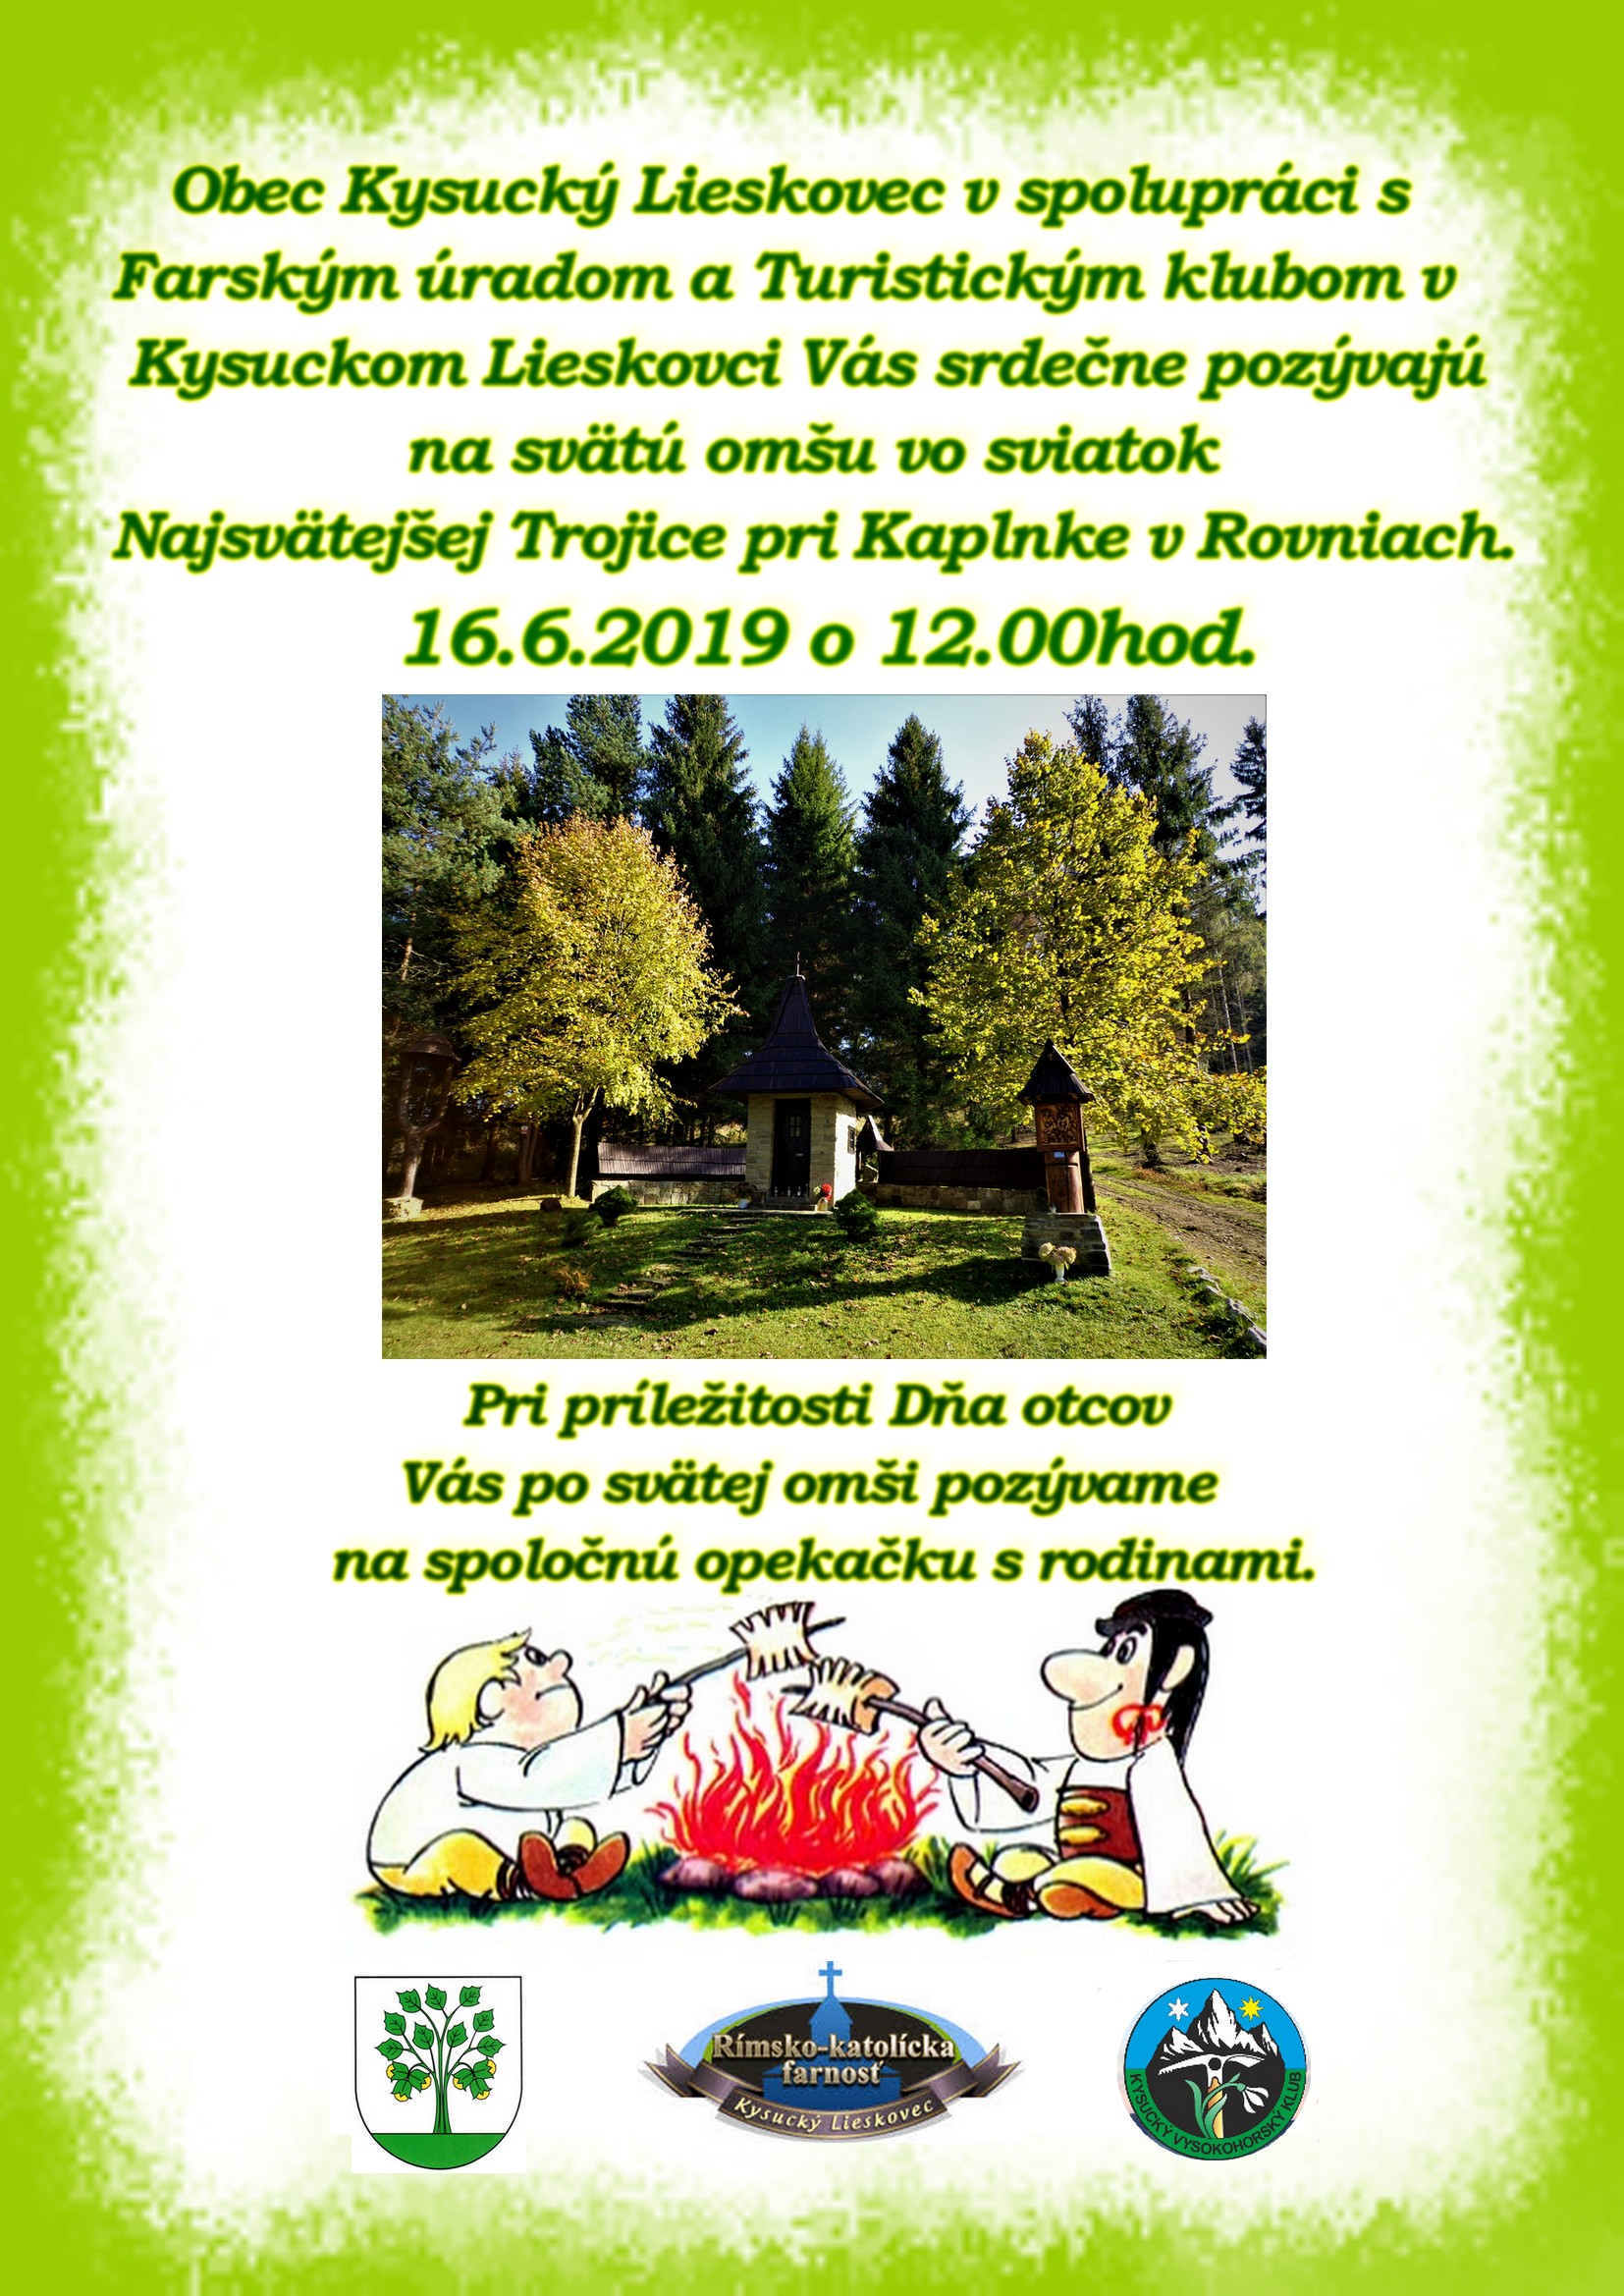 Landsbyen Kysucky Lieskovec i samarbejde med Parish Office og Tourist Club i Kysucky Lieskovec inviterer dig til den hellige messe på den hellige treenigheds fest ved kapellet i Rovne. 16. juni 2019 kl. 12:00